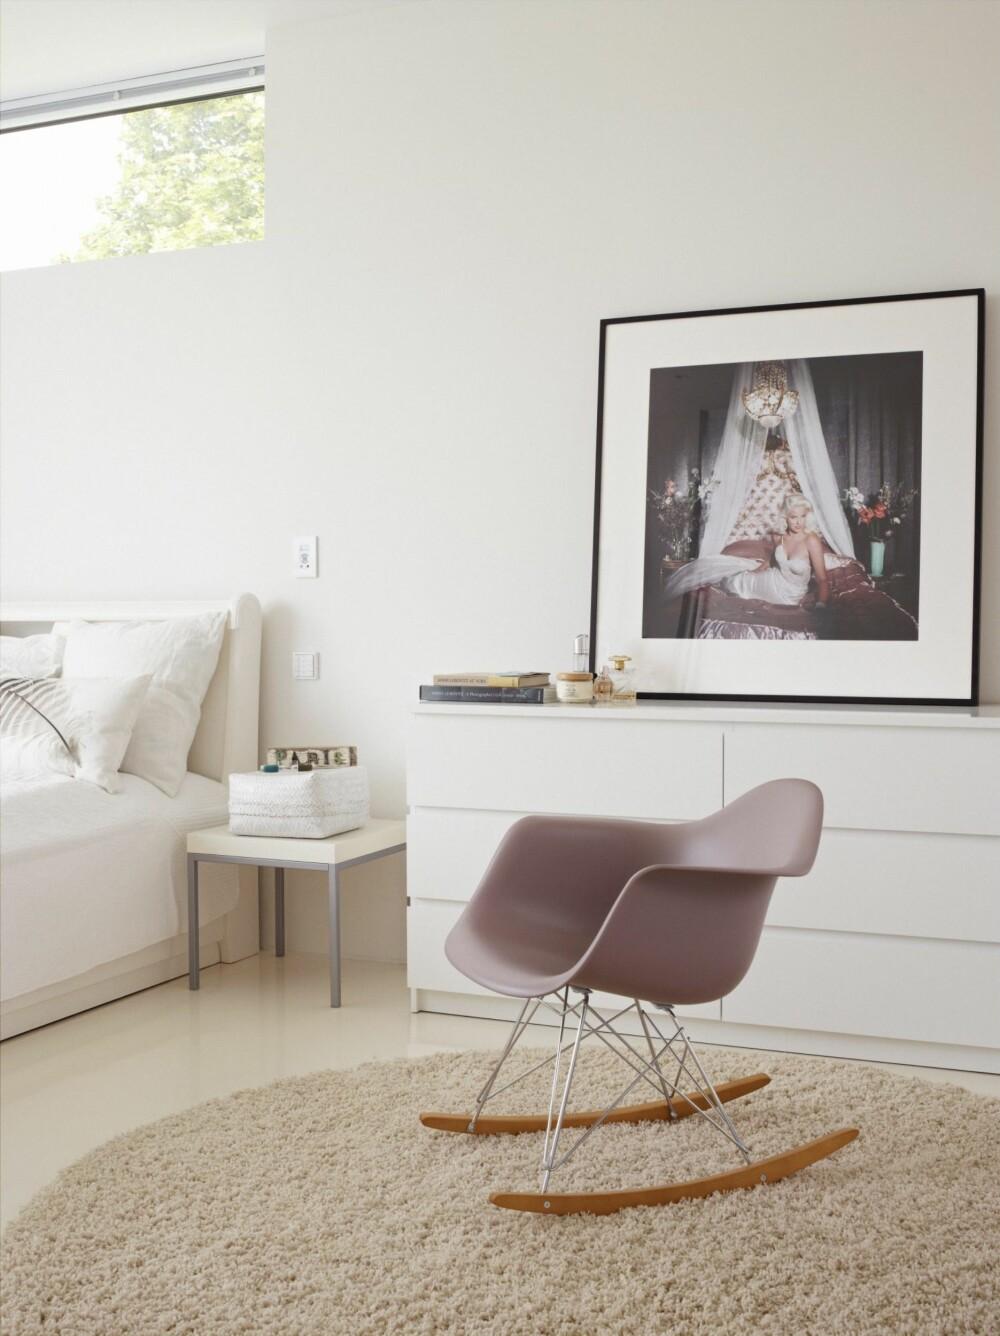 OMTENKSOM GAVE: Eames-gyngestolen er en gave fra Hans-Albert til Ingelin. På sengen ligger en fjærpute fra Bolina. På nattbordet står en hvit kurv fra Milla boutique. Fotografiet på kommoden er fra Christian's. Styling: Tone Kroken.